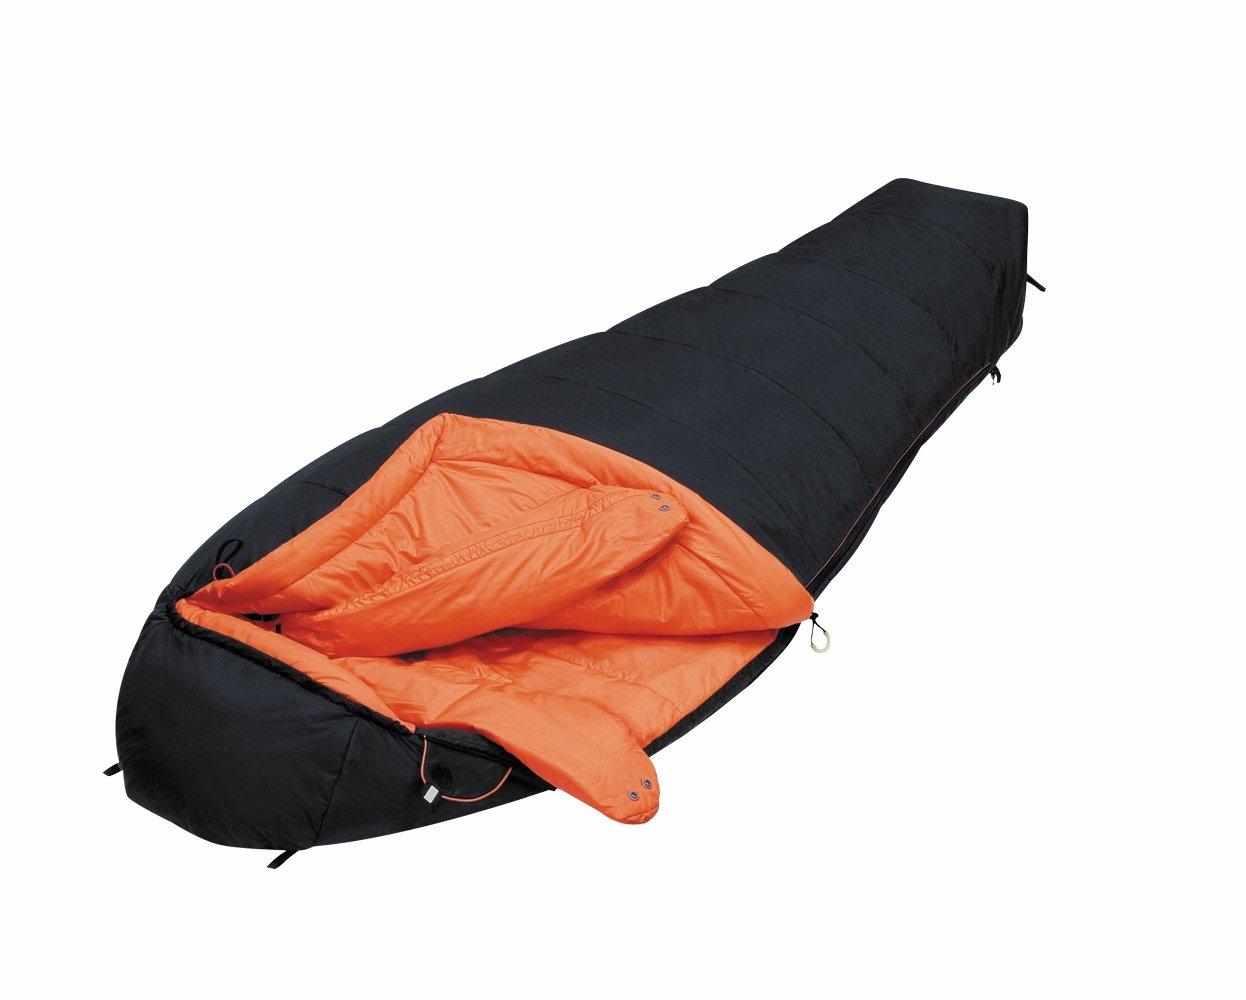 ALEXIKA Schlafsack Delta Compact, rechte Reißverschluss, schwarz / orange, 85(Breite oben)x200(Länge) x55(Breite unten), 8205.1014R